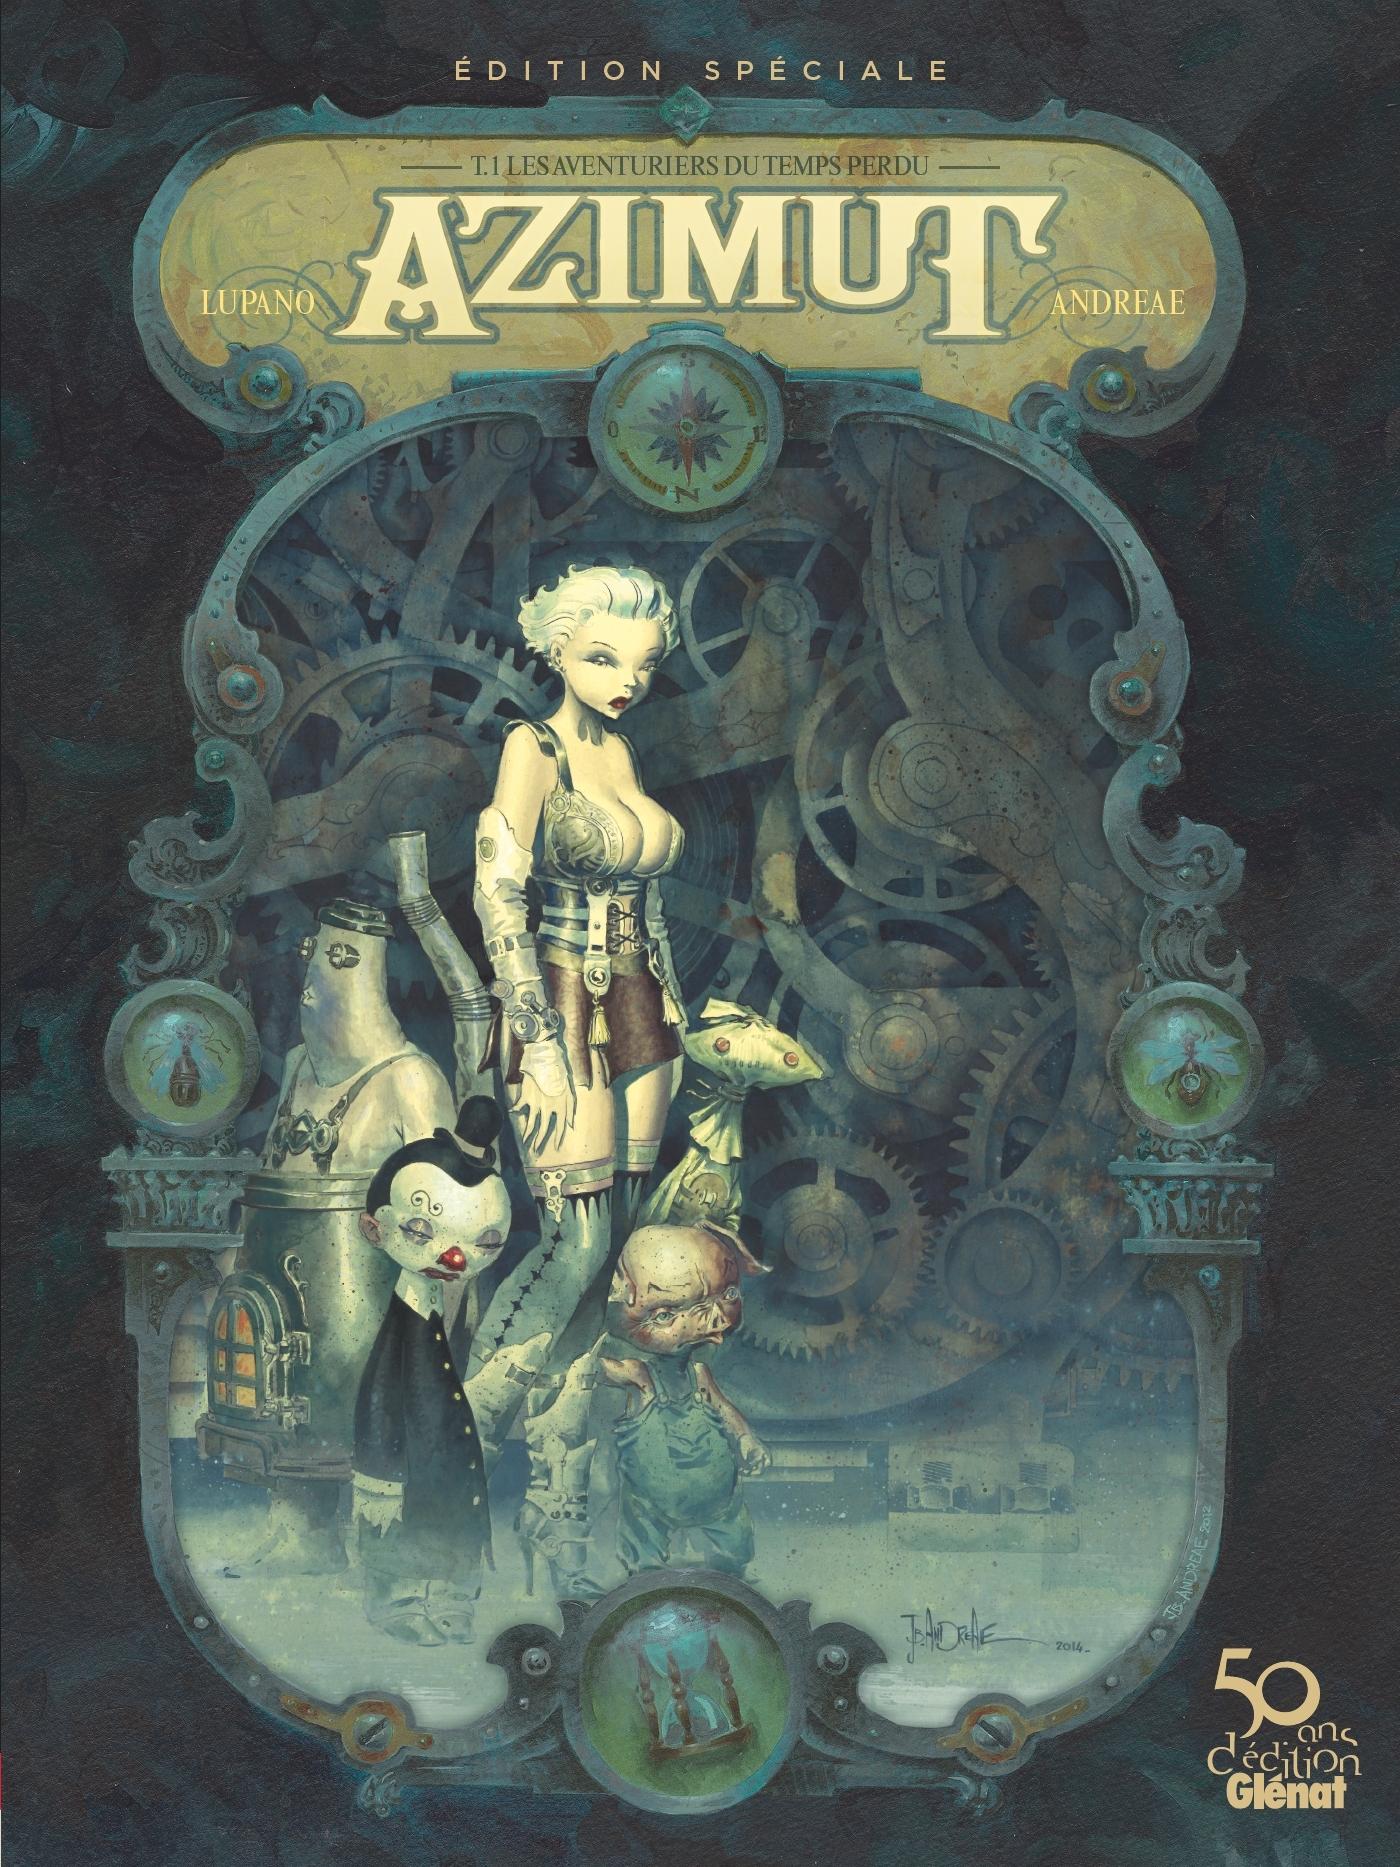 AZIMUT - TOME 01 - EDITION SPECIALE 50 ANS - LES AVENTURIERS DU TEMPS PERDU